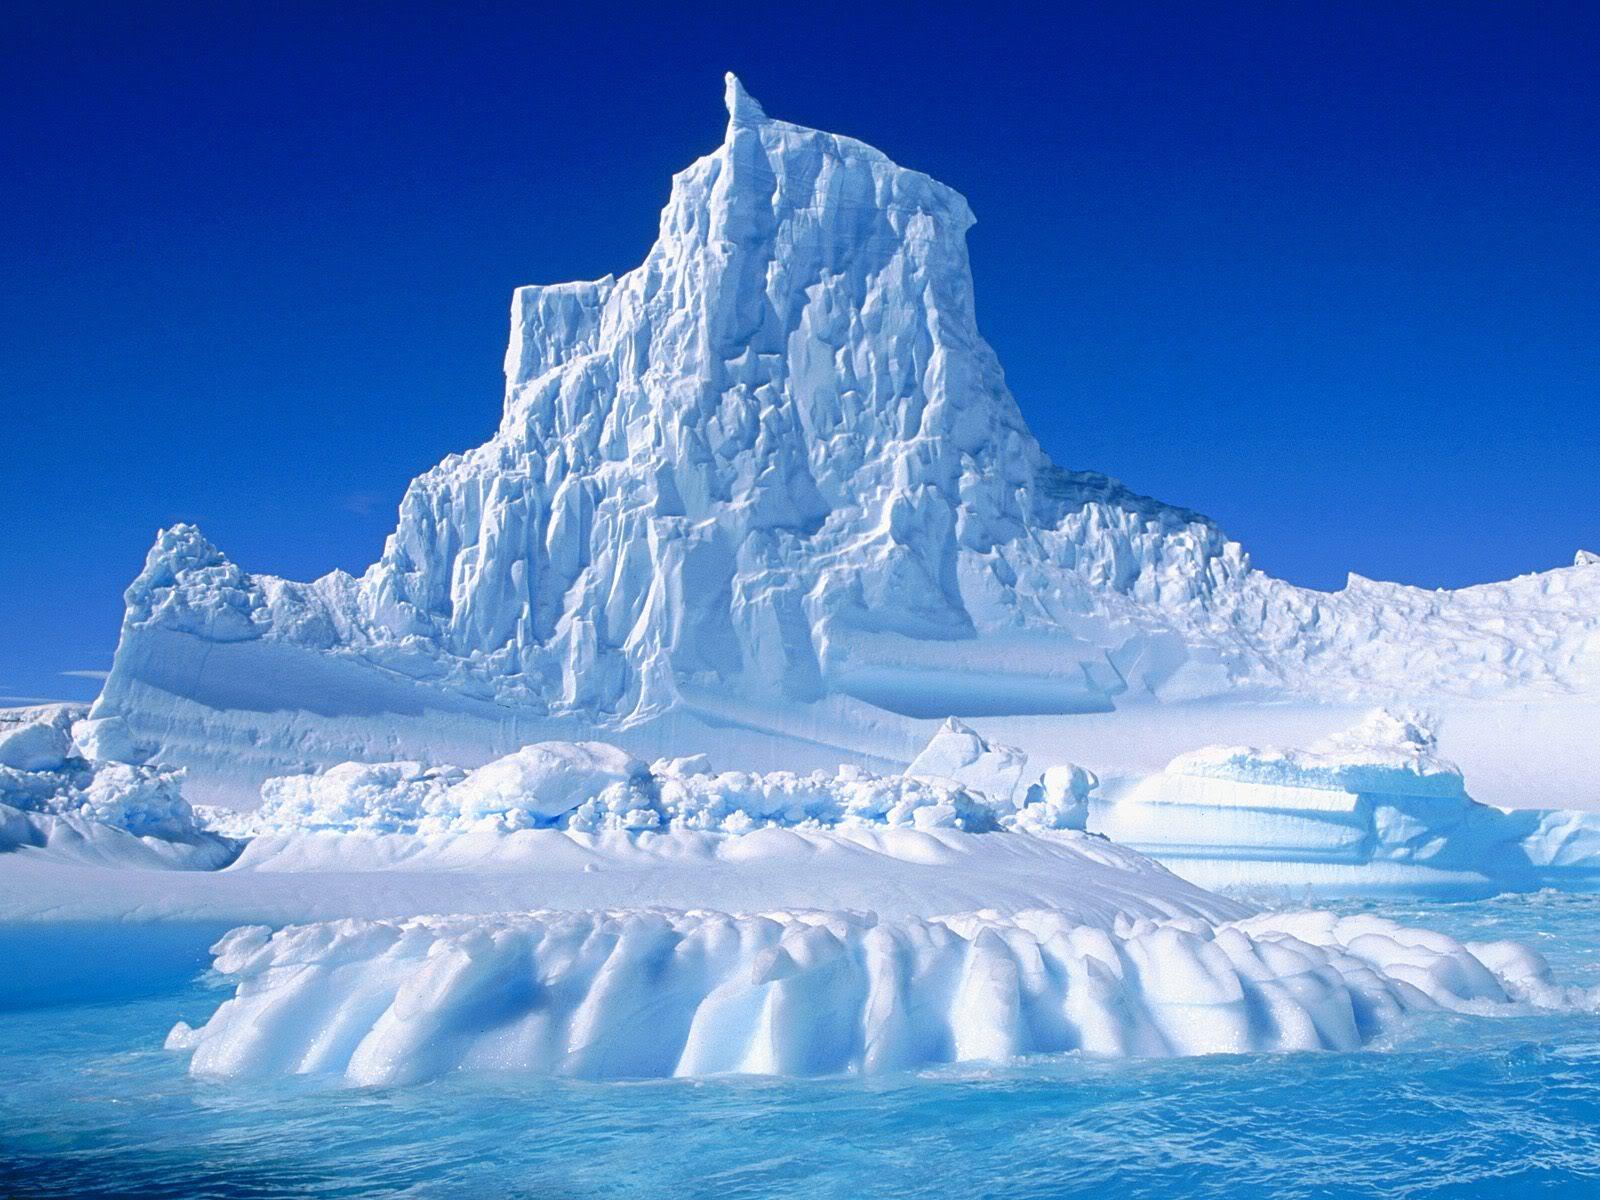 посещение руководством россии и сша антарктиды